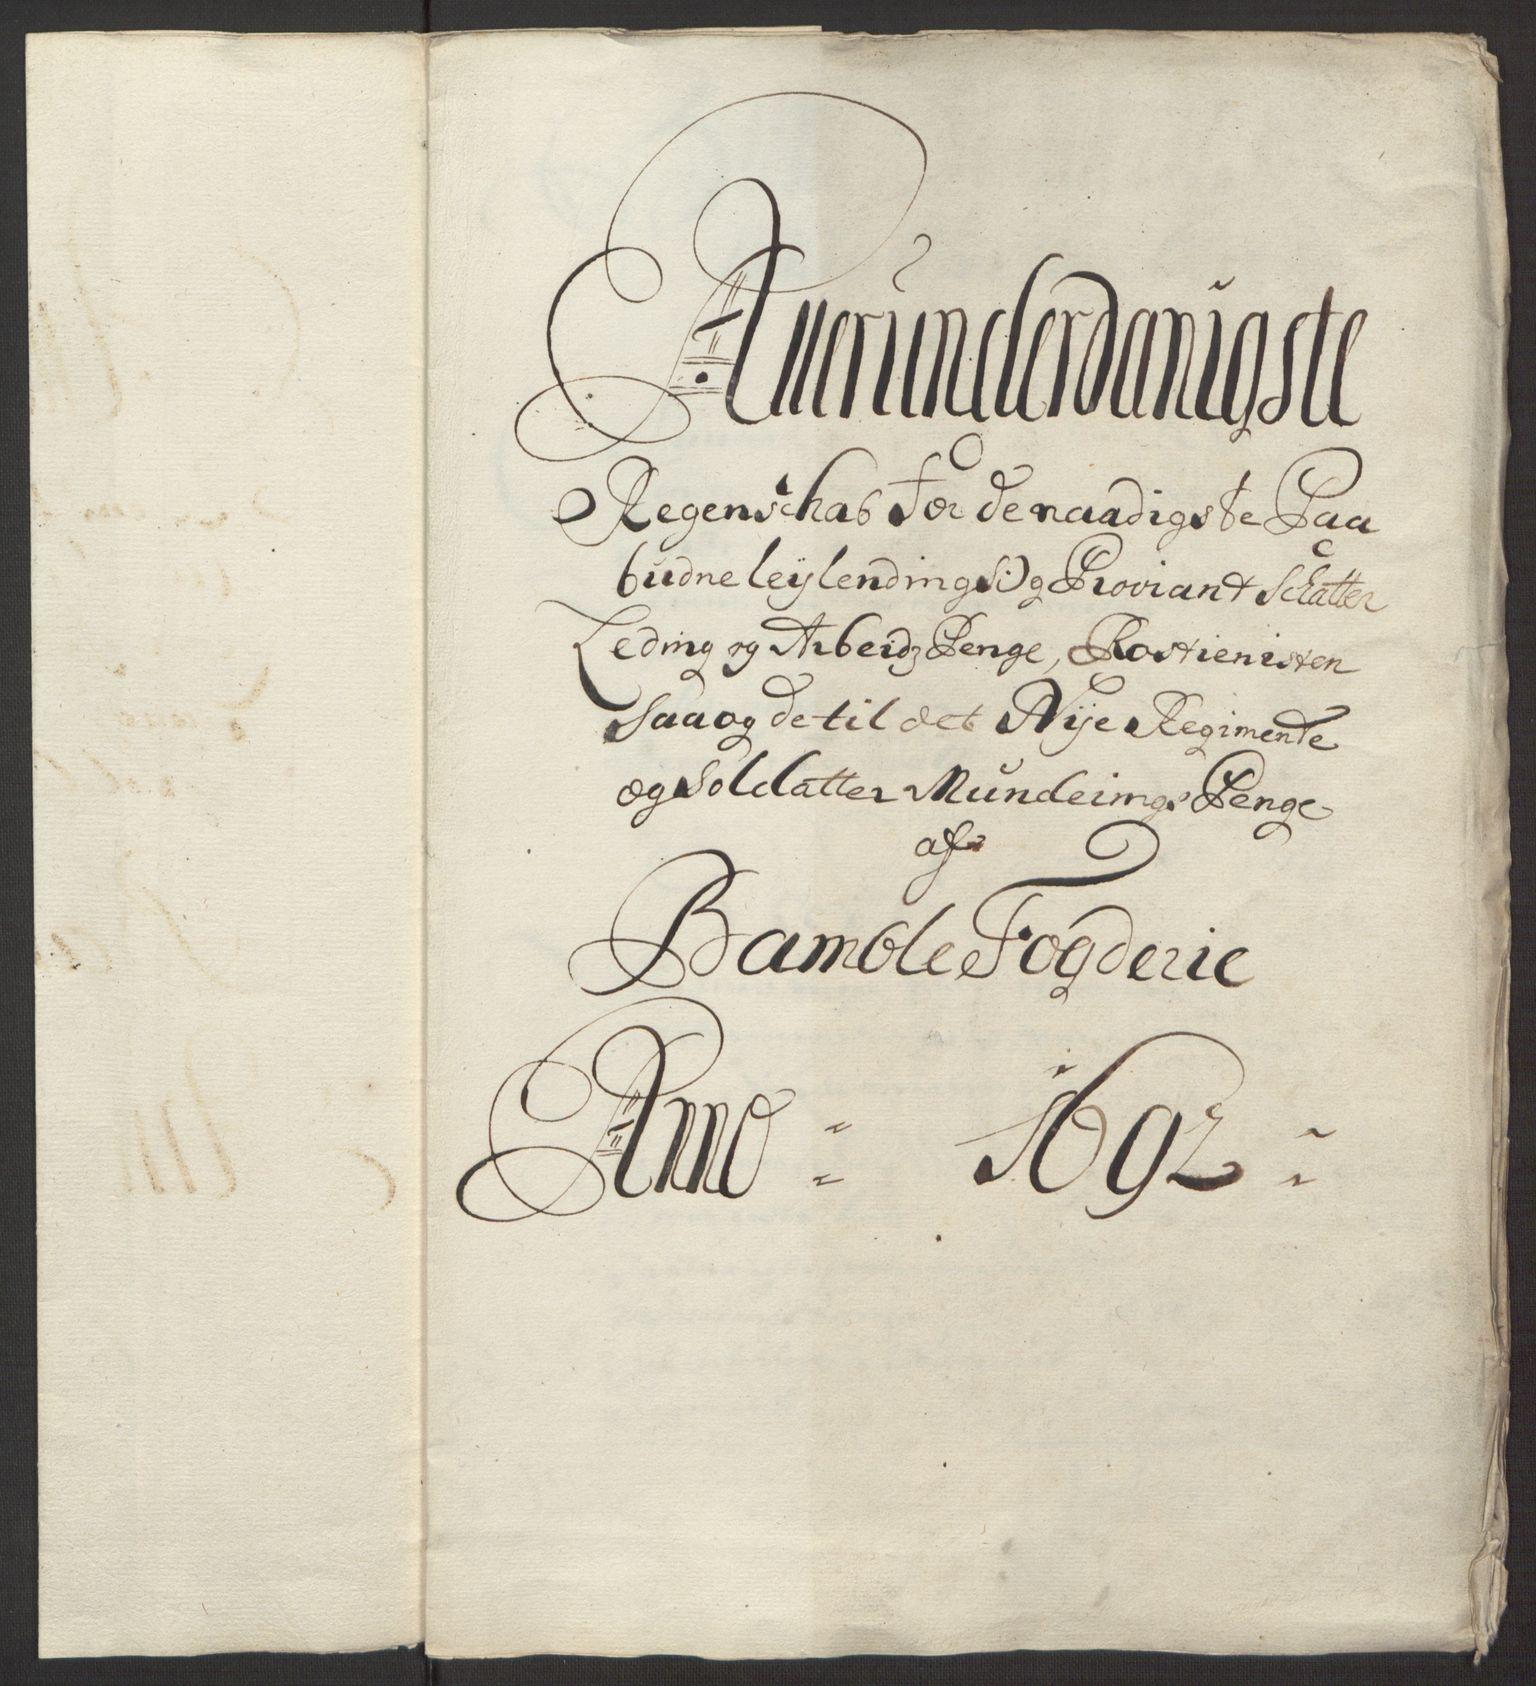 RA, Rentekammeret inntil 1814, Reviderte regnskaper, Fogderegnskap, R34/L2052: Fogderegnskap Bamble, 1692-1693, s. 152